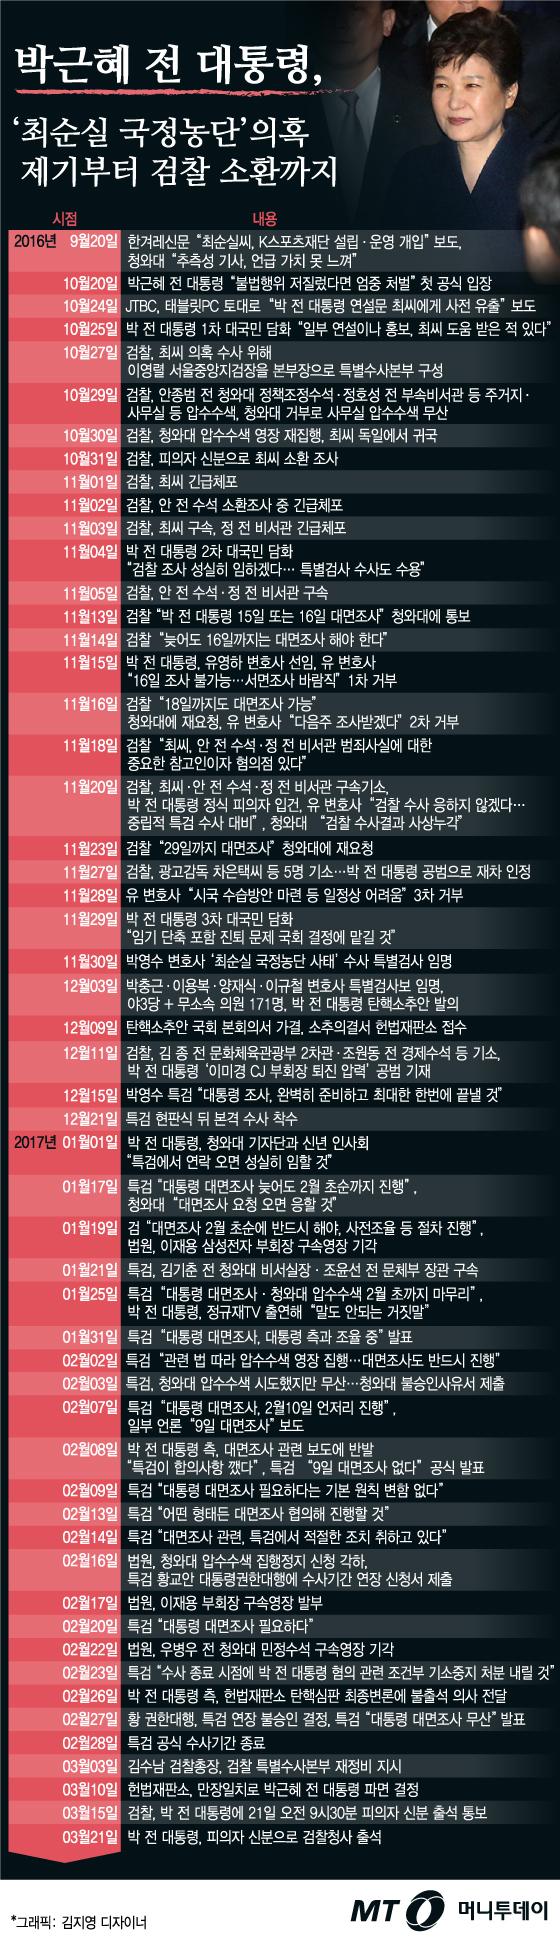 [그래픽뉴스]박근혜 전 대통령, 검찰 소환되기까지 일지